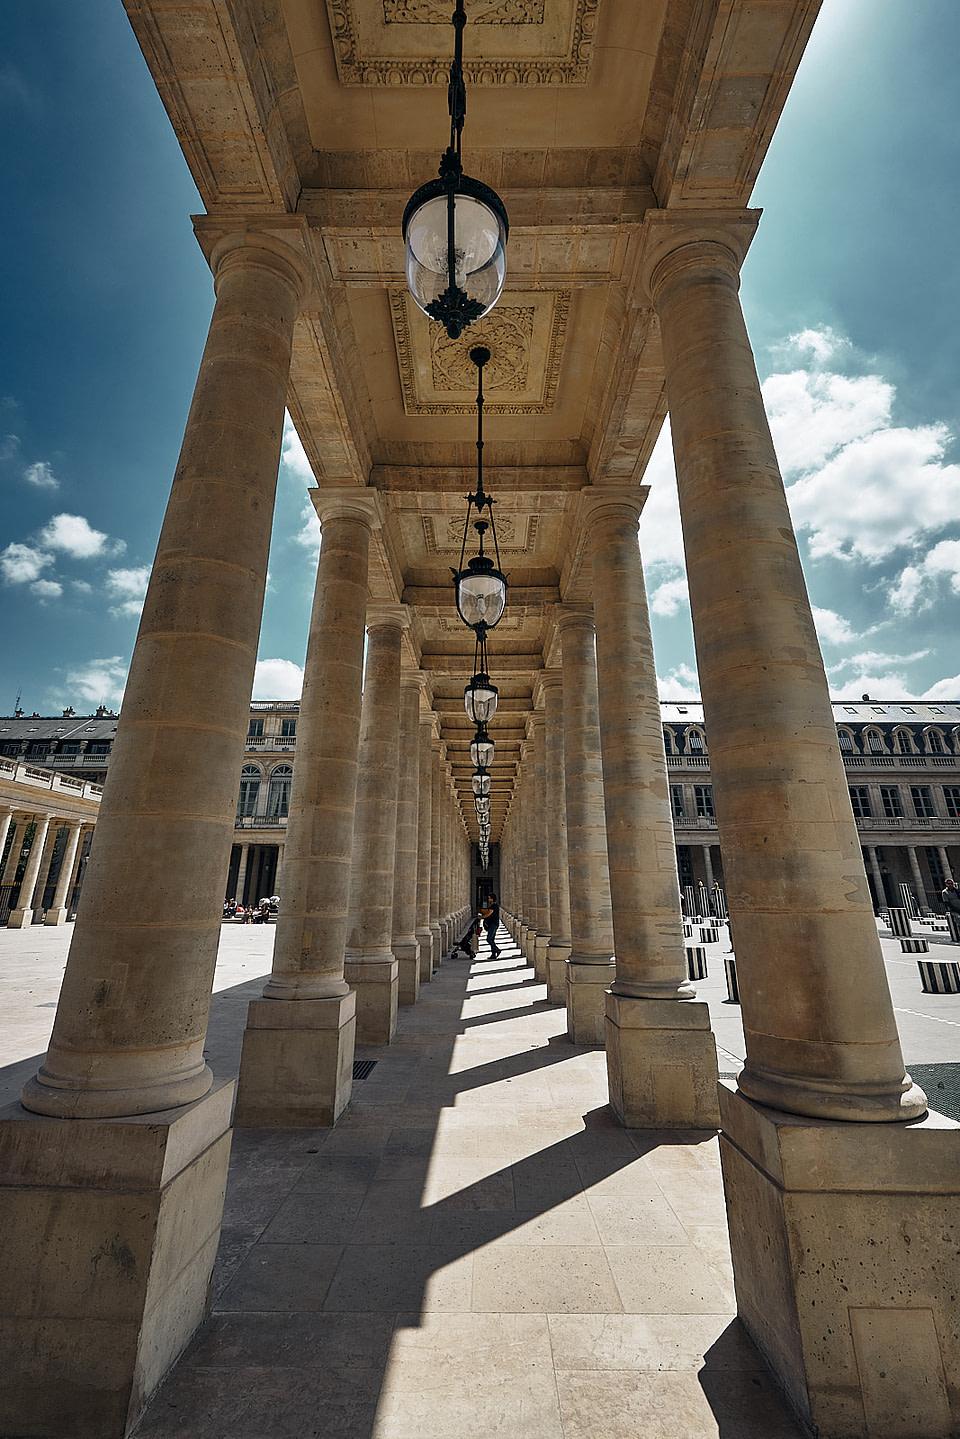 Jeu d' ombre et lumière sous la galerie de la cour d' Honneur du Palais Royal à Paris